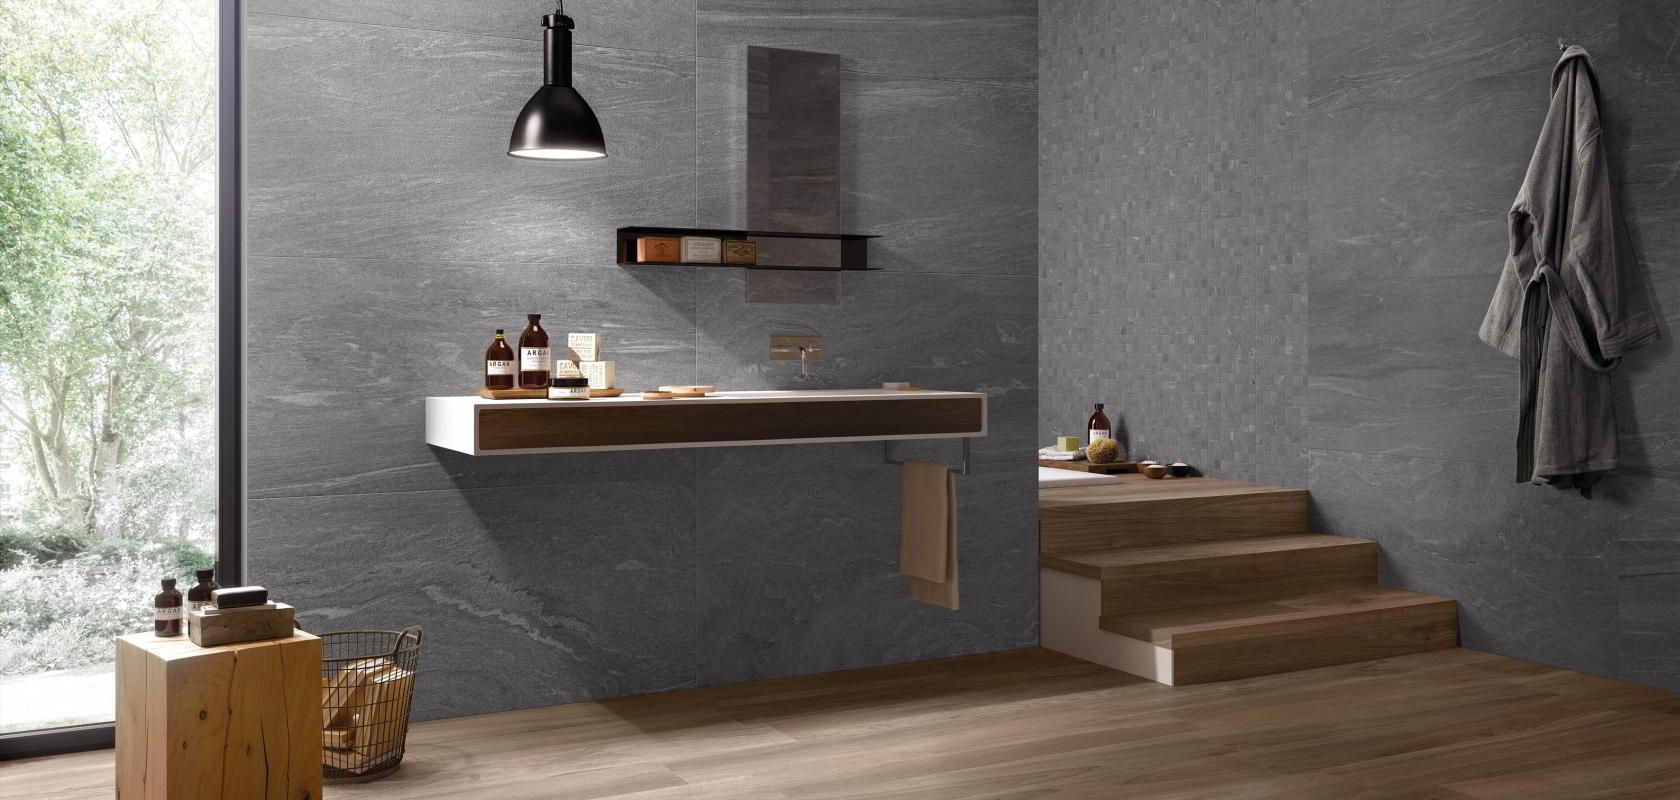 Cirelli arredo bagno arredo bagno roma ceramiche cucine for Arredi bagno roma